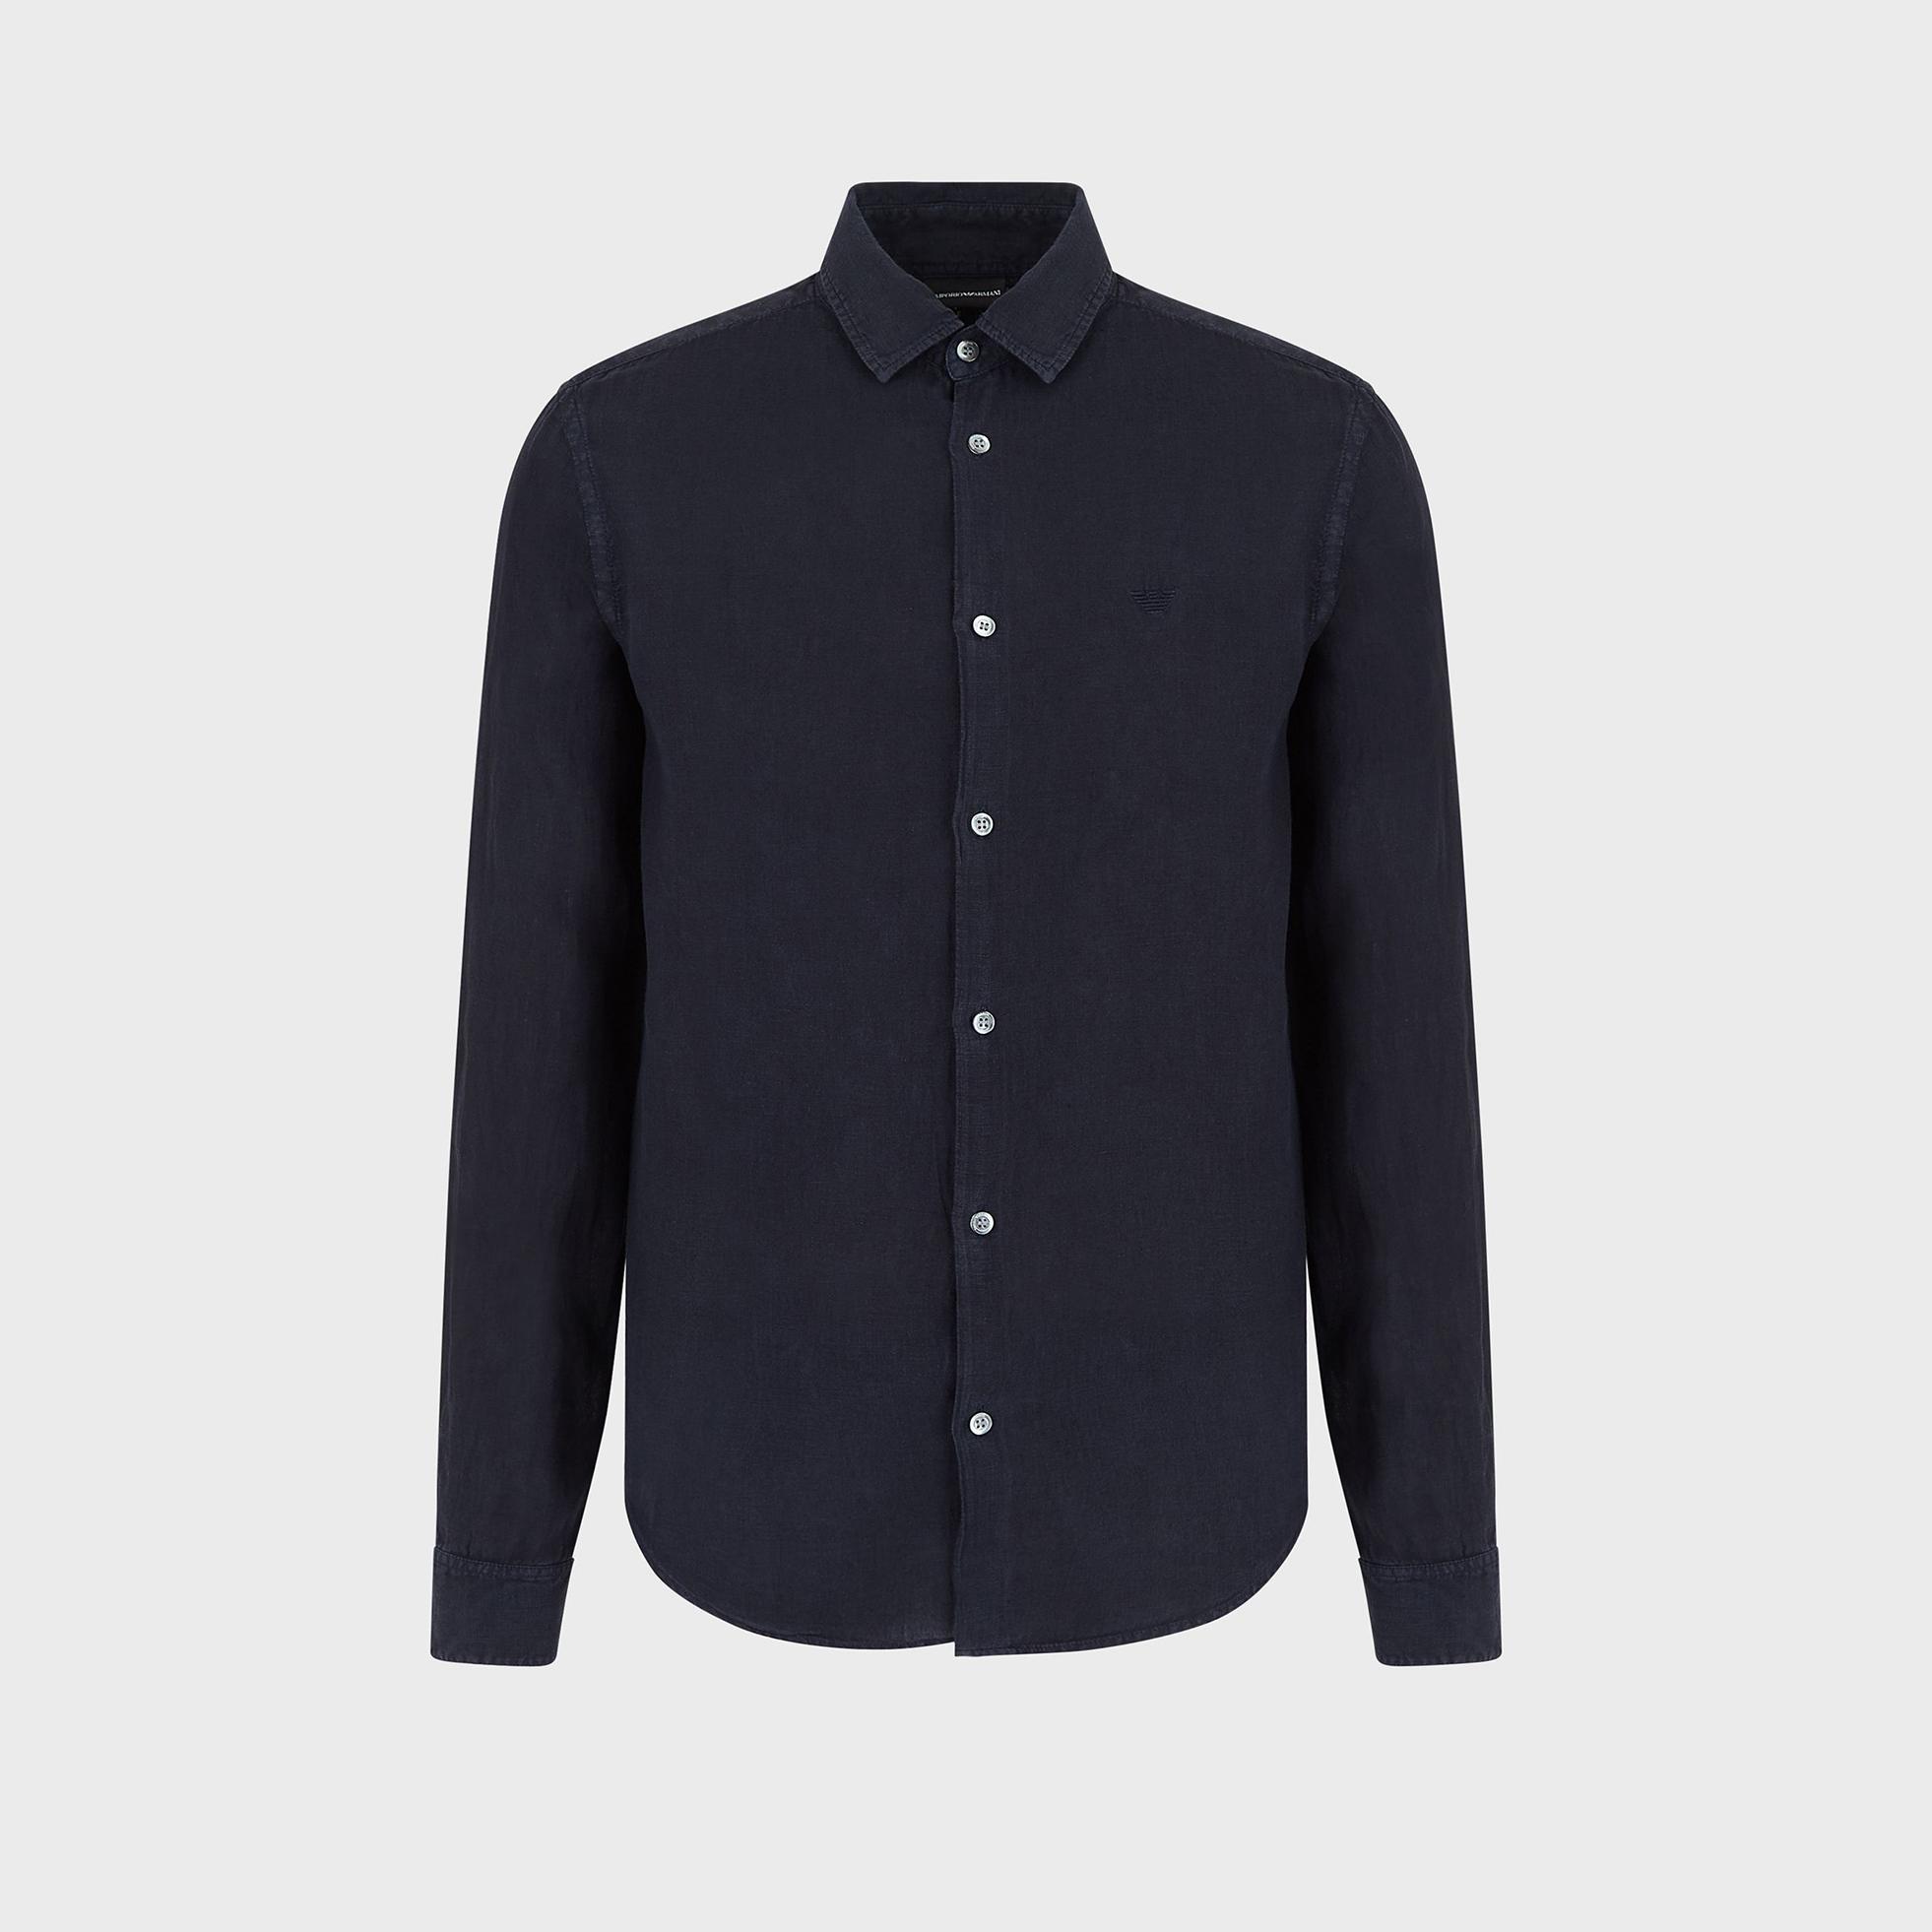 پیراهن آستین بلند مردانه امپریو آرمانی مدل 3H1CA51N5FZ-0924